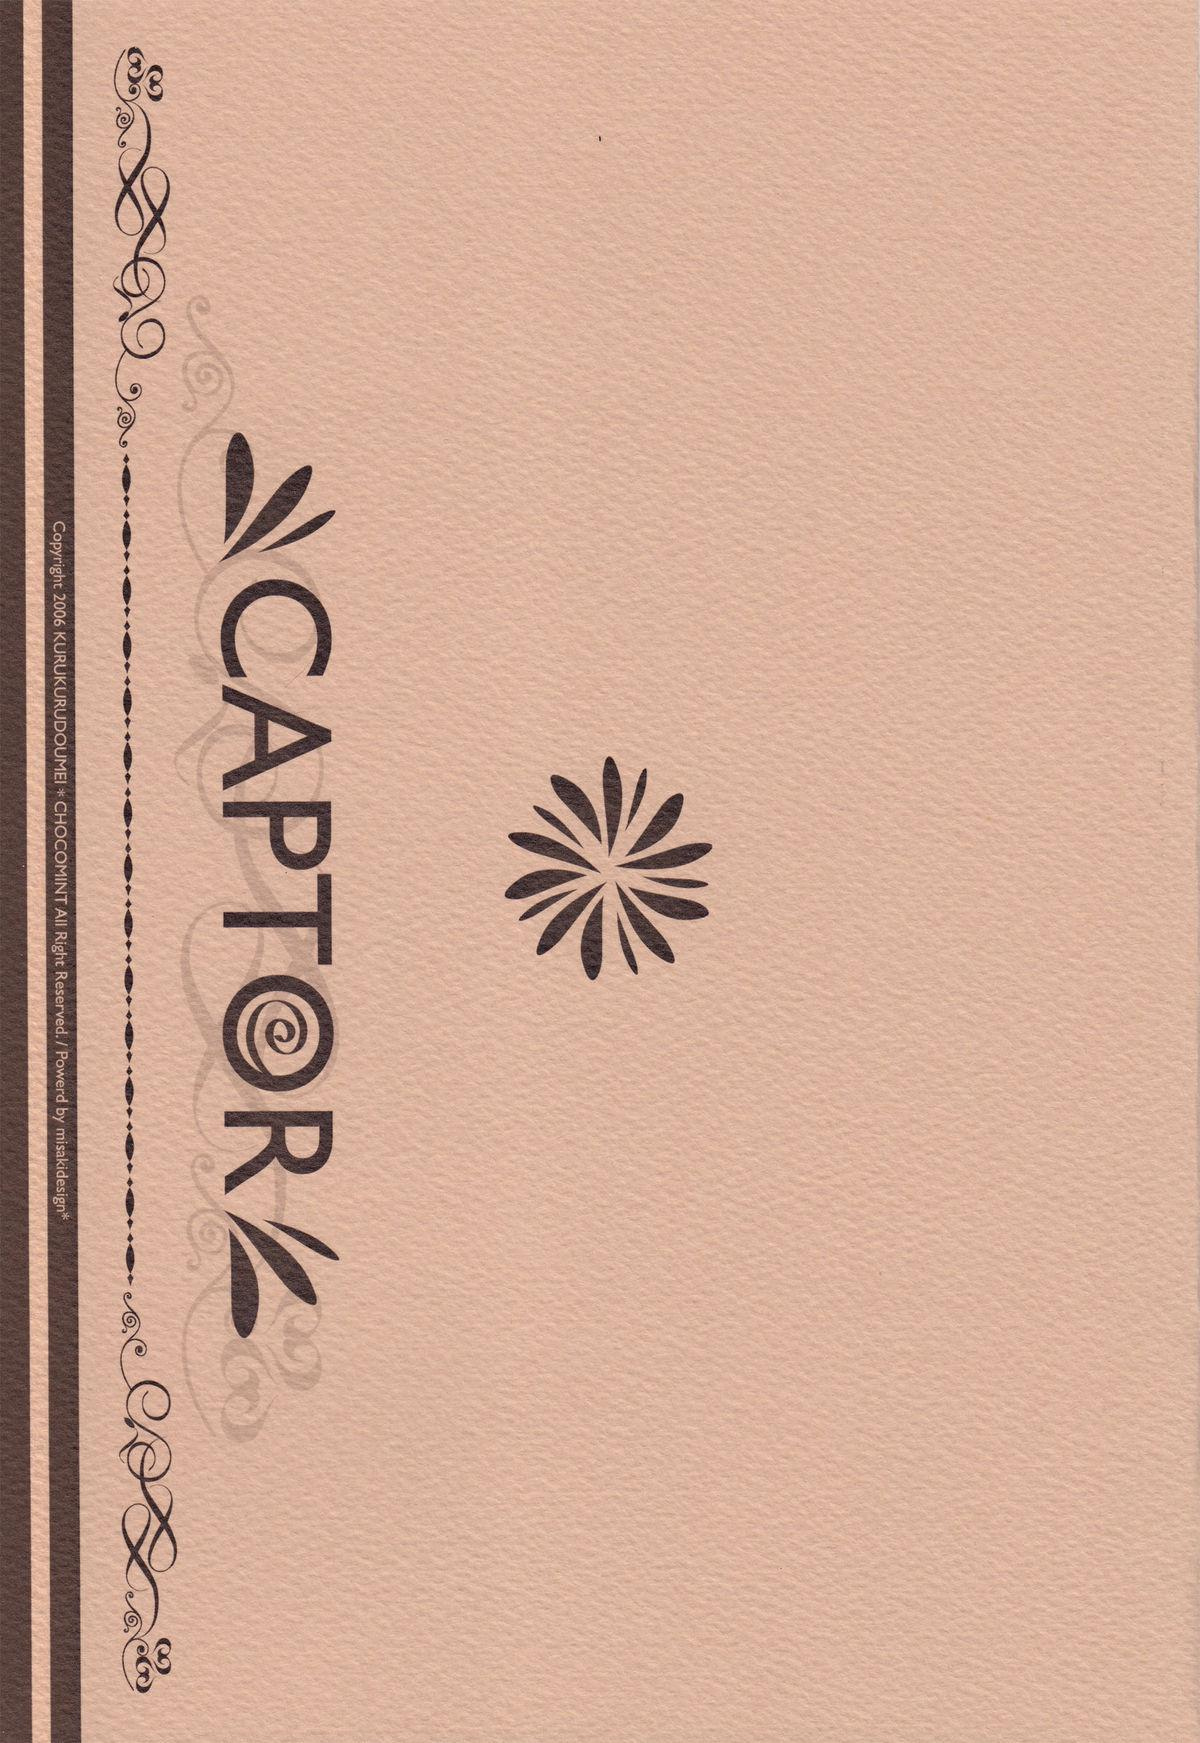 CAPTOR 1